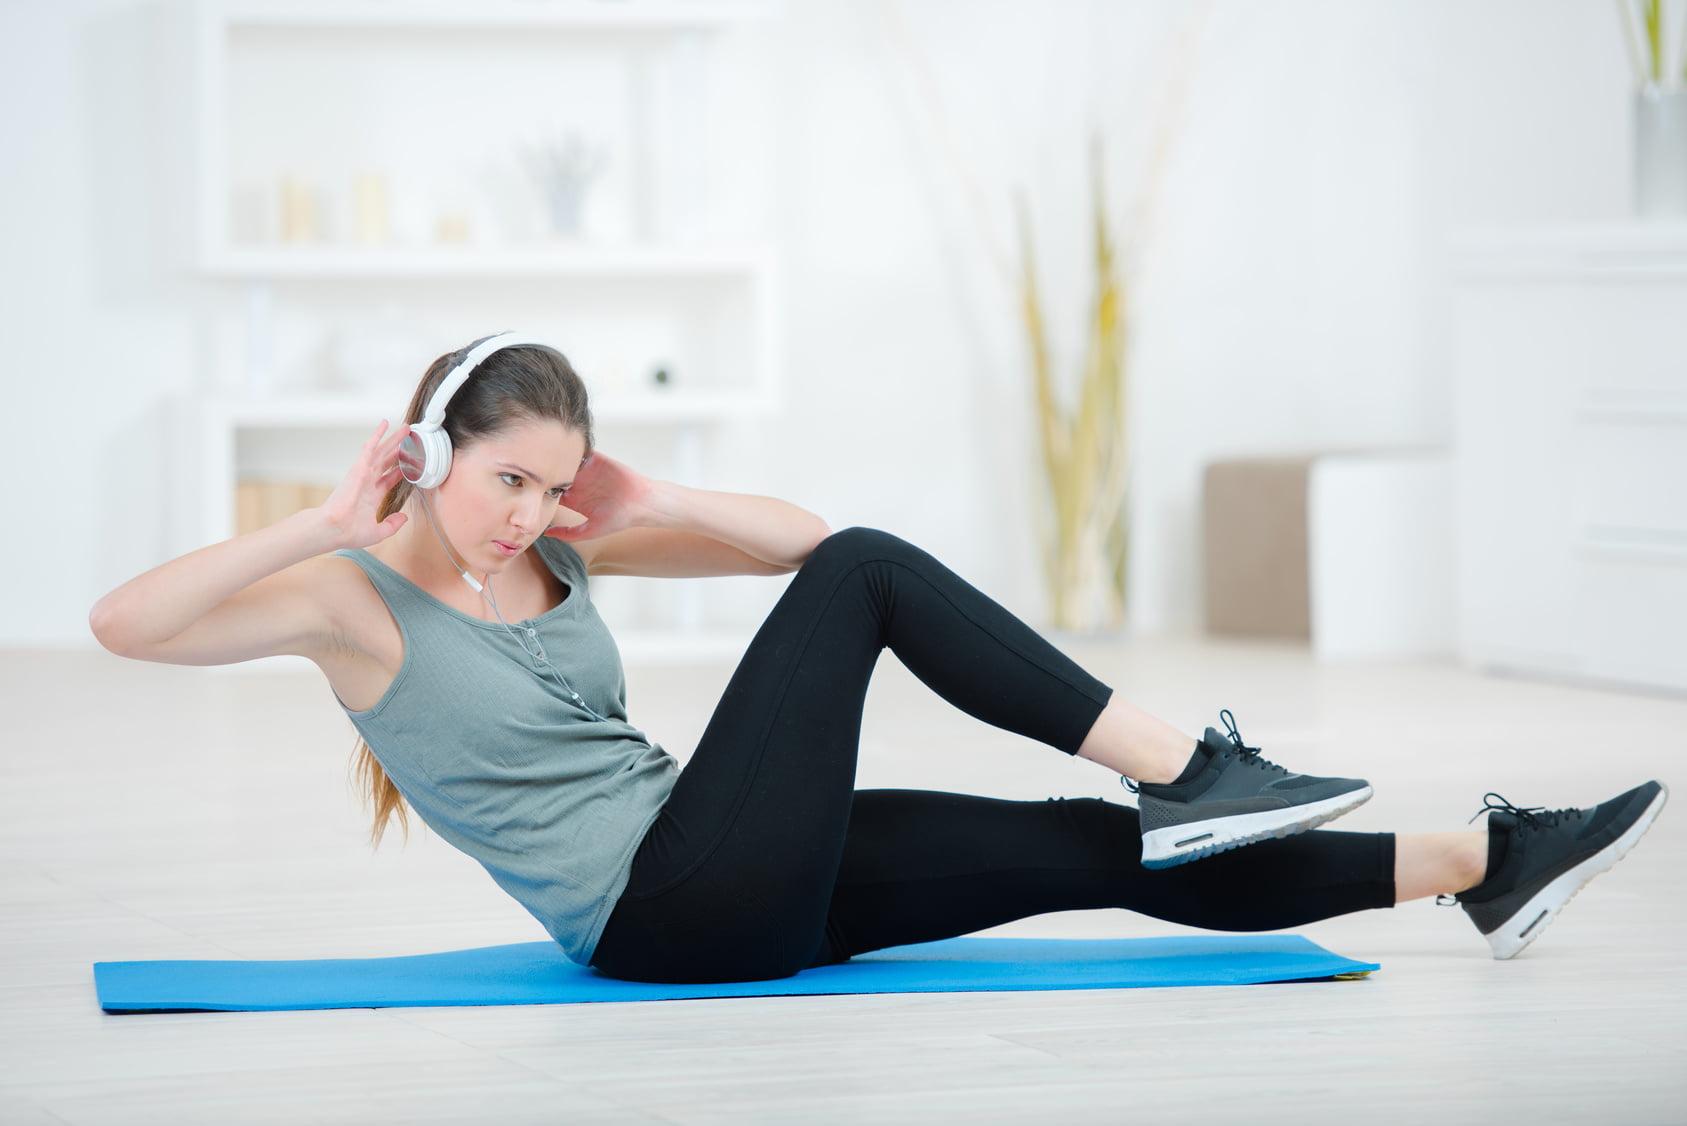 Заниматься Чтоб Сбросить Вес. Как быстро похудеть в домашних условиях без диет? 10 основных правил как худеть правильно